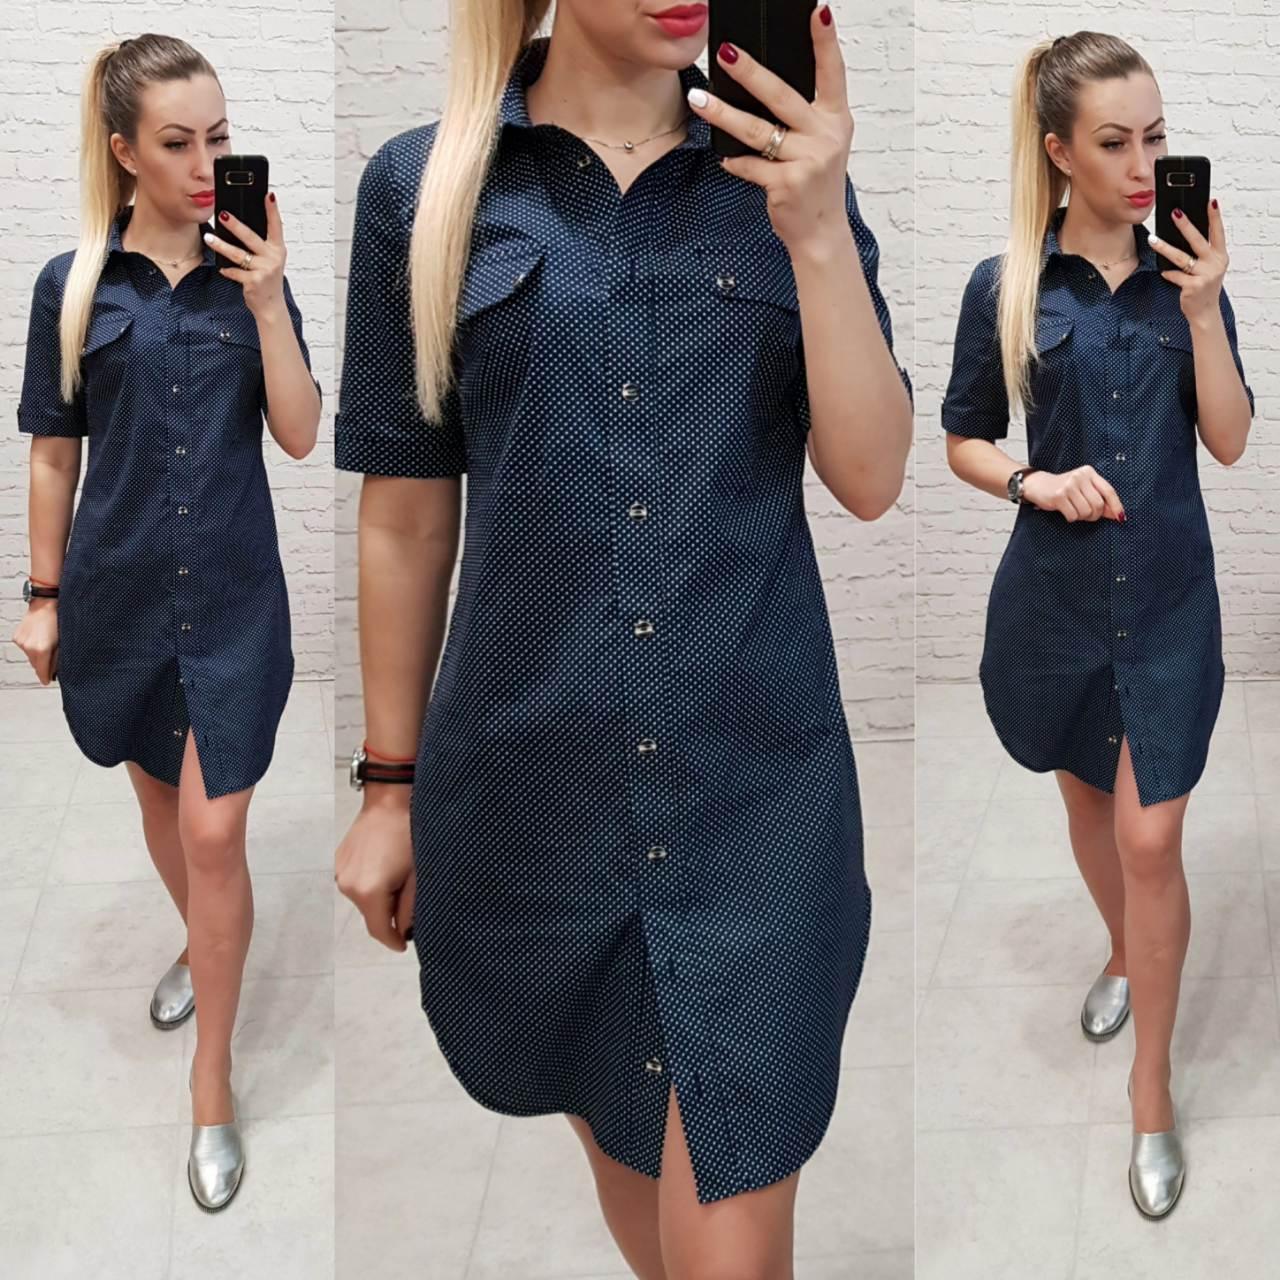 Платье-рубашка, модель 827, цвет - синий, принт - горох